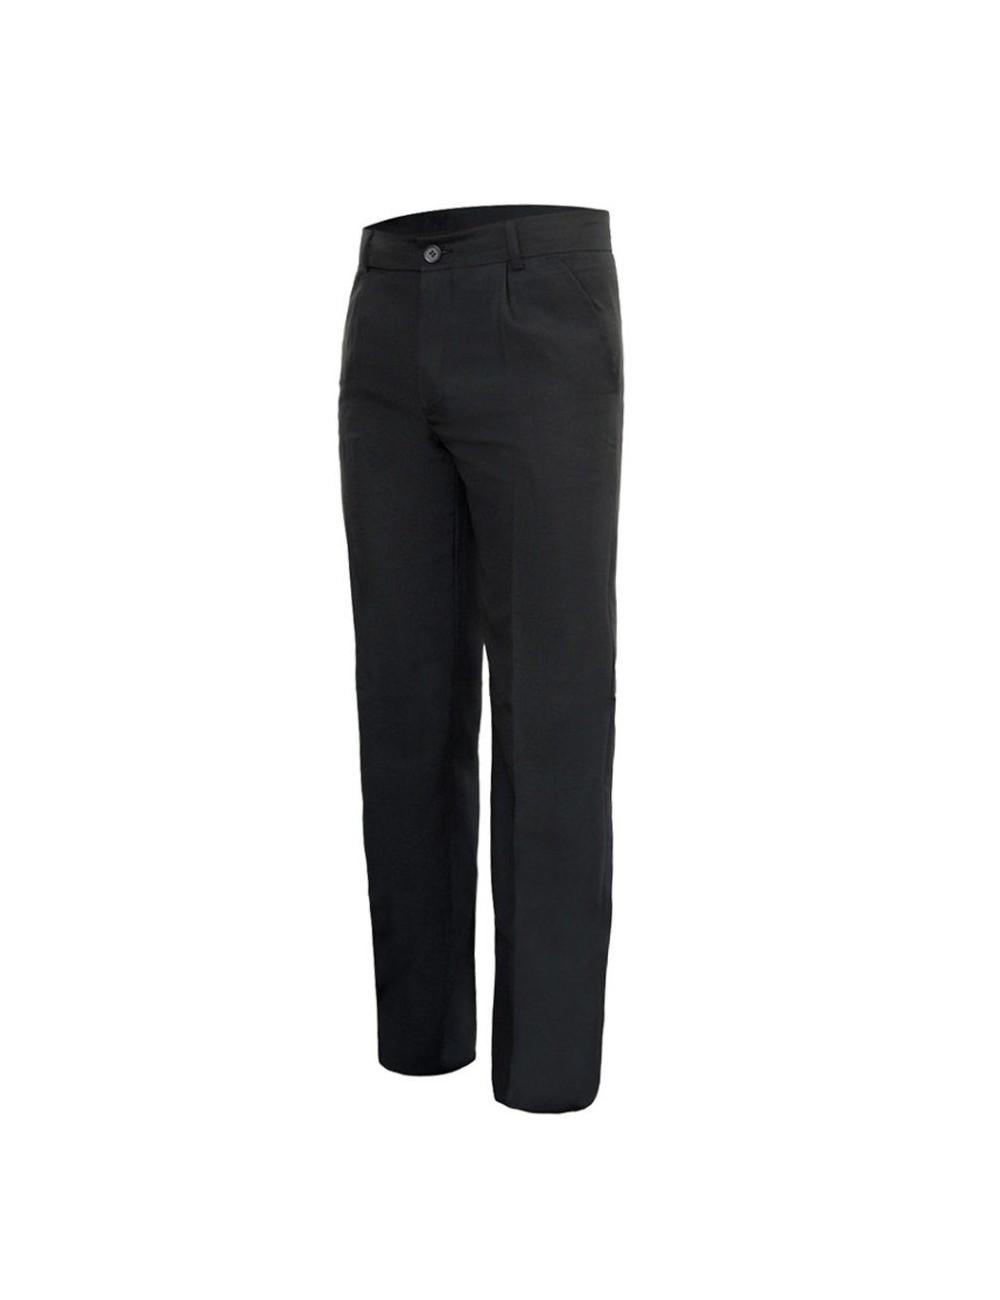 Zapatillas De Kelme Zapatillas Running De Zapatillas Nayala Running Nayala Running Nayala Kelme De lK1c3TFJ